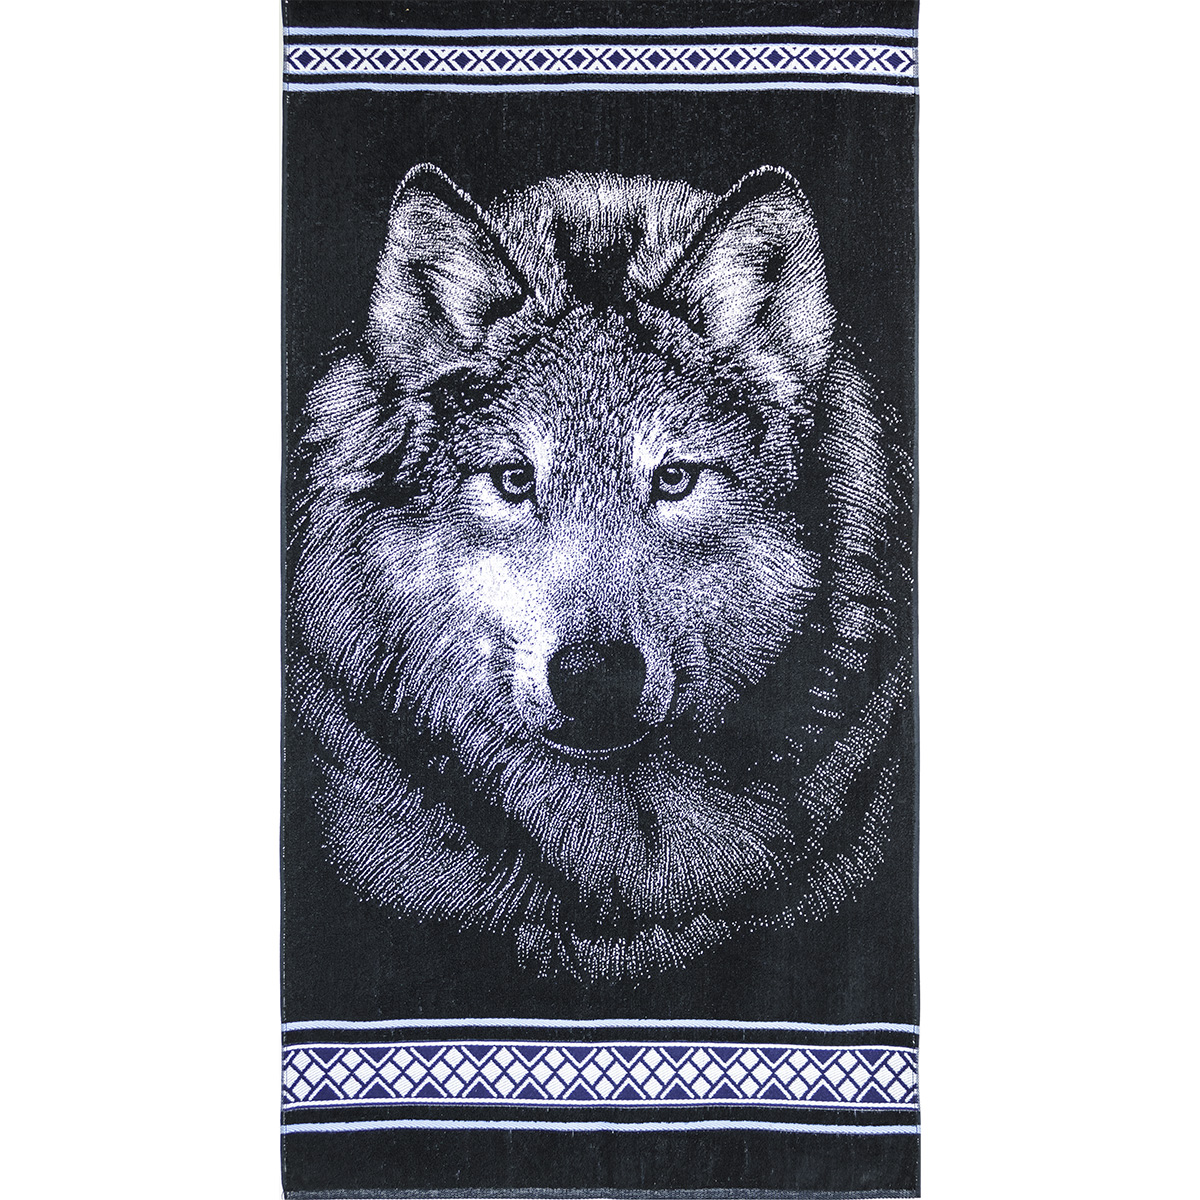 Полотенце Волк, размер 70х140 см.Махровые полотенца<br>Плотность ткани:420 г/кв. м<br><br>Тип: Полотенце<br>Размер: 70х140<br>Материал: Махра